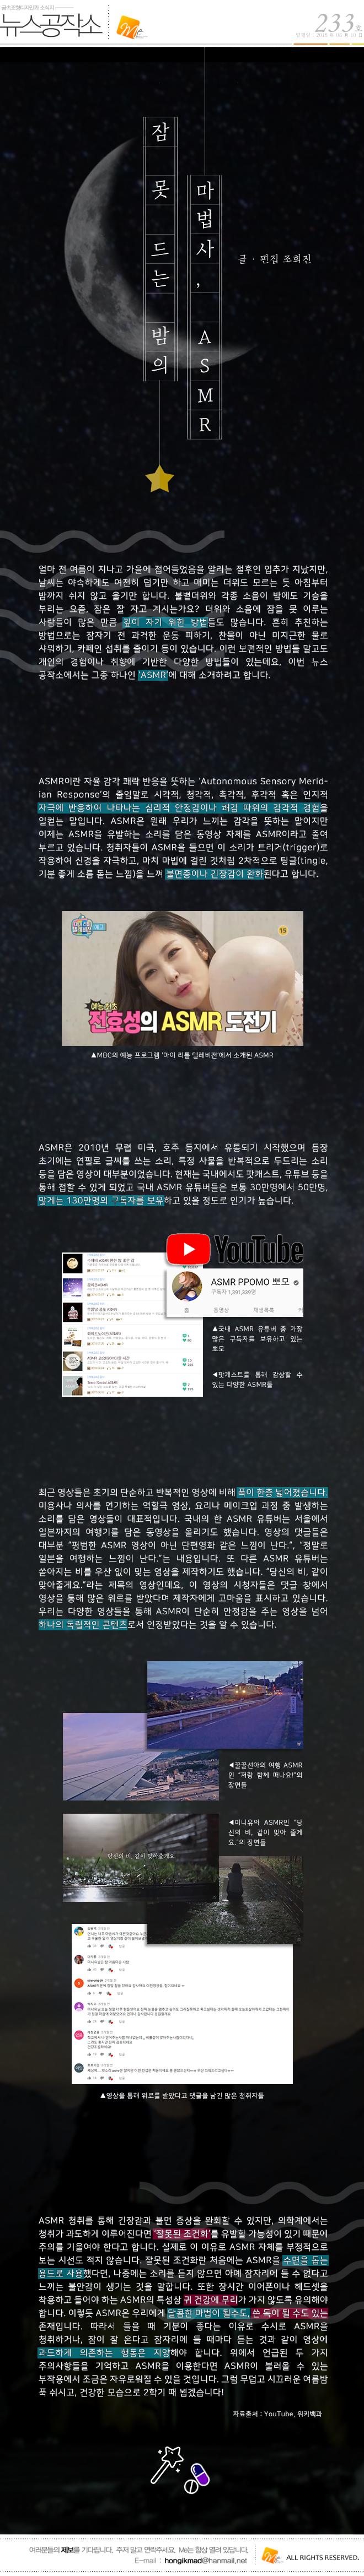 뉴스공작소 233호 편집.png